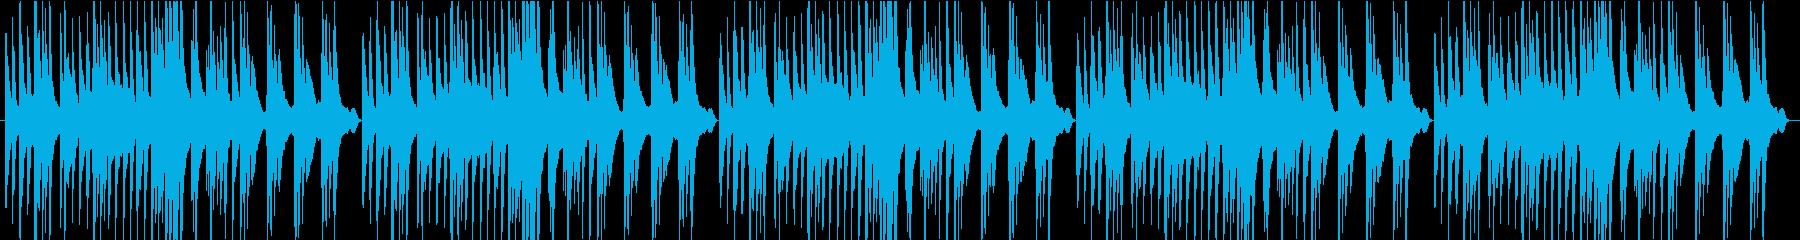 切なく優しいピアノの再生済みの波形